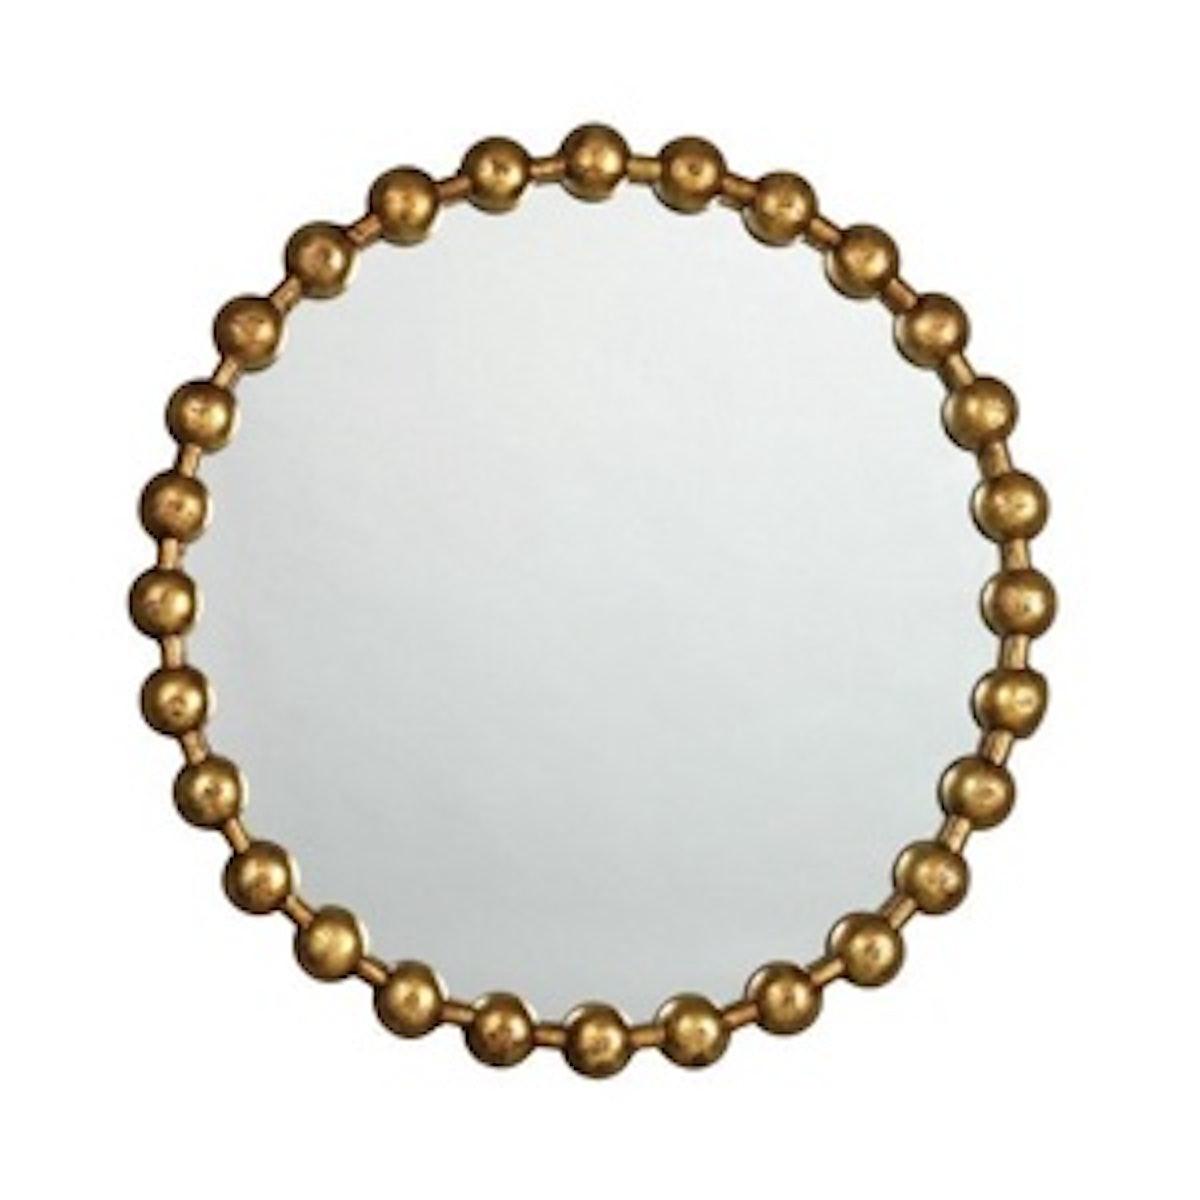 Ball-Chain Wall Mirror